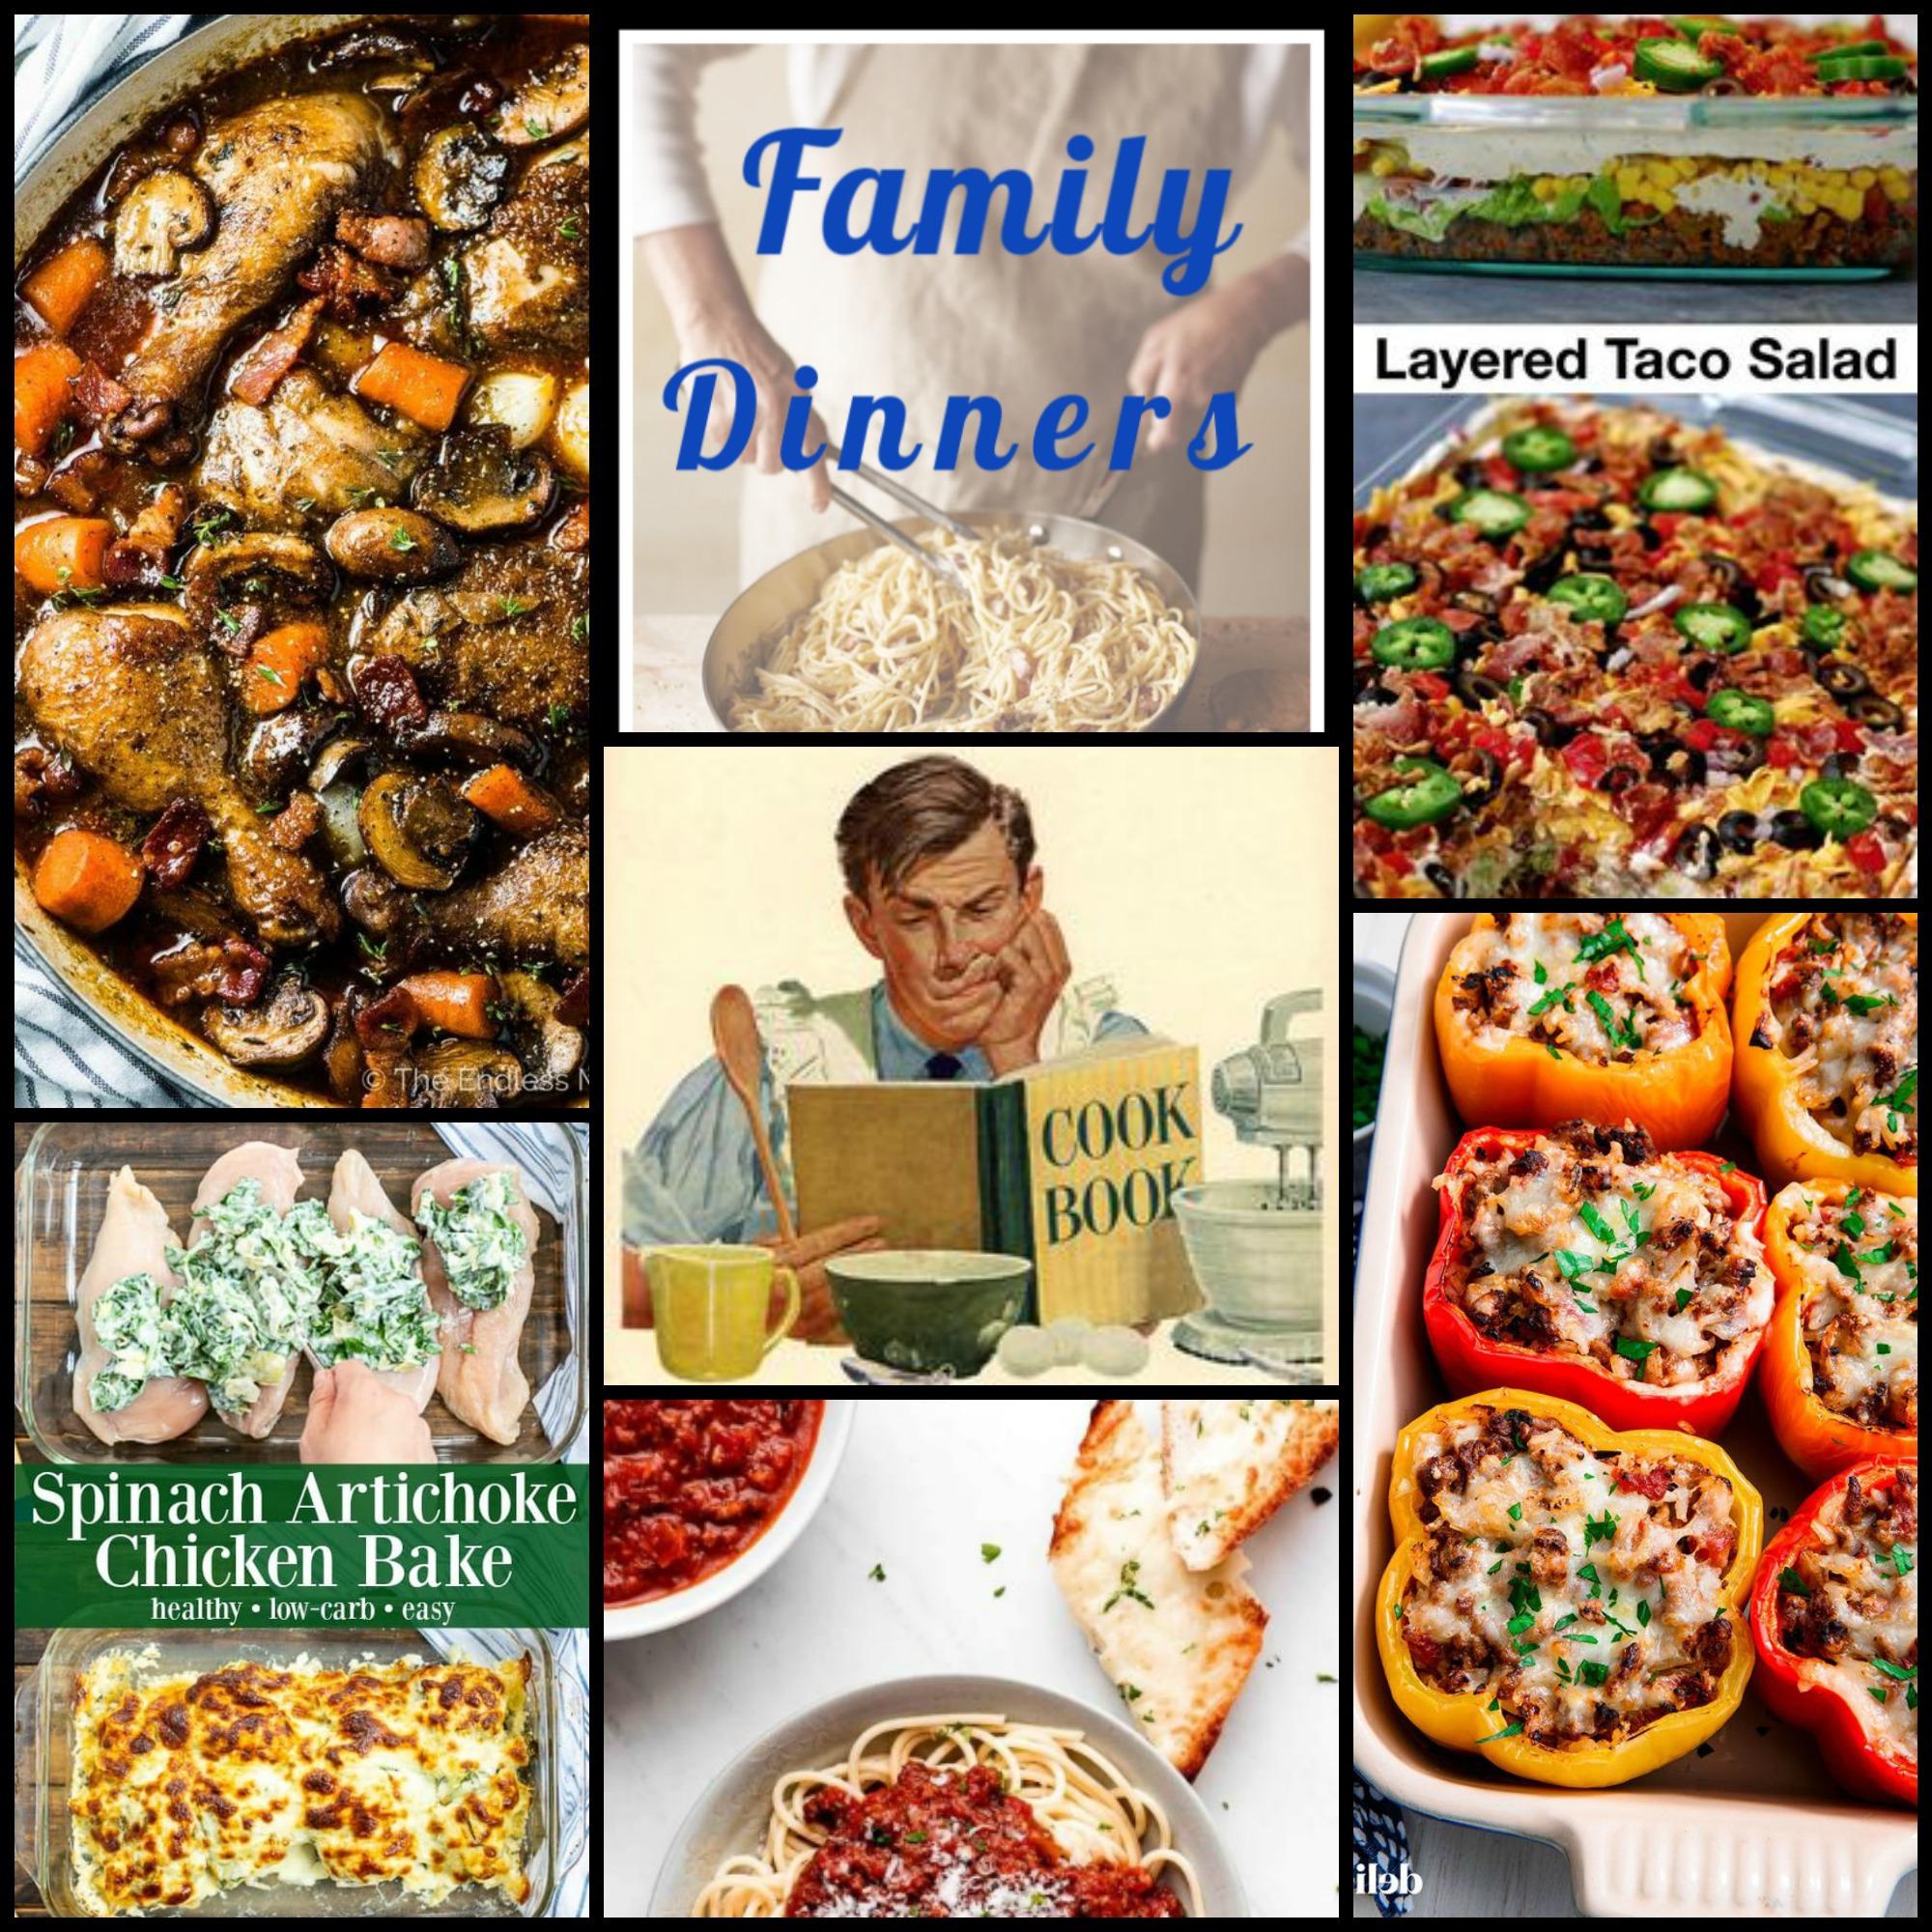 Over 100 Family Dinner Ideas